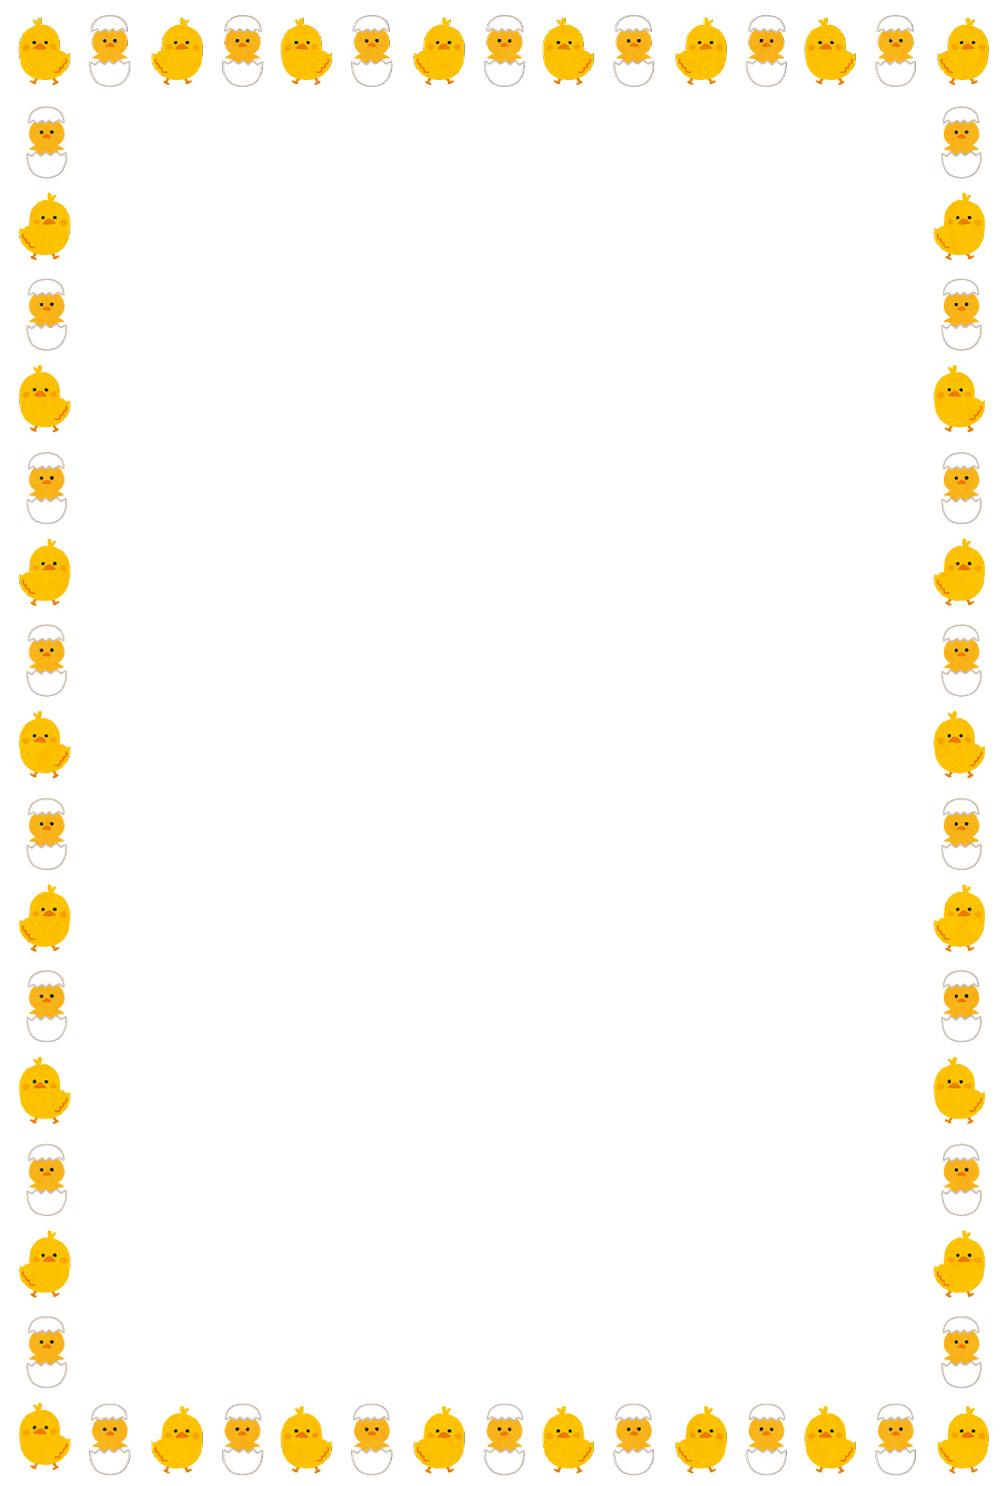 ヒヨコのイラストフレーム(枠) | かわいいフリー素材集 いらすとや